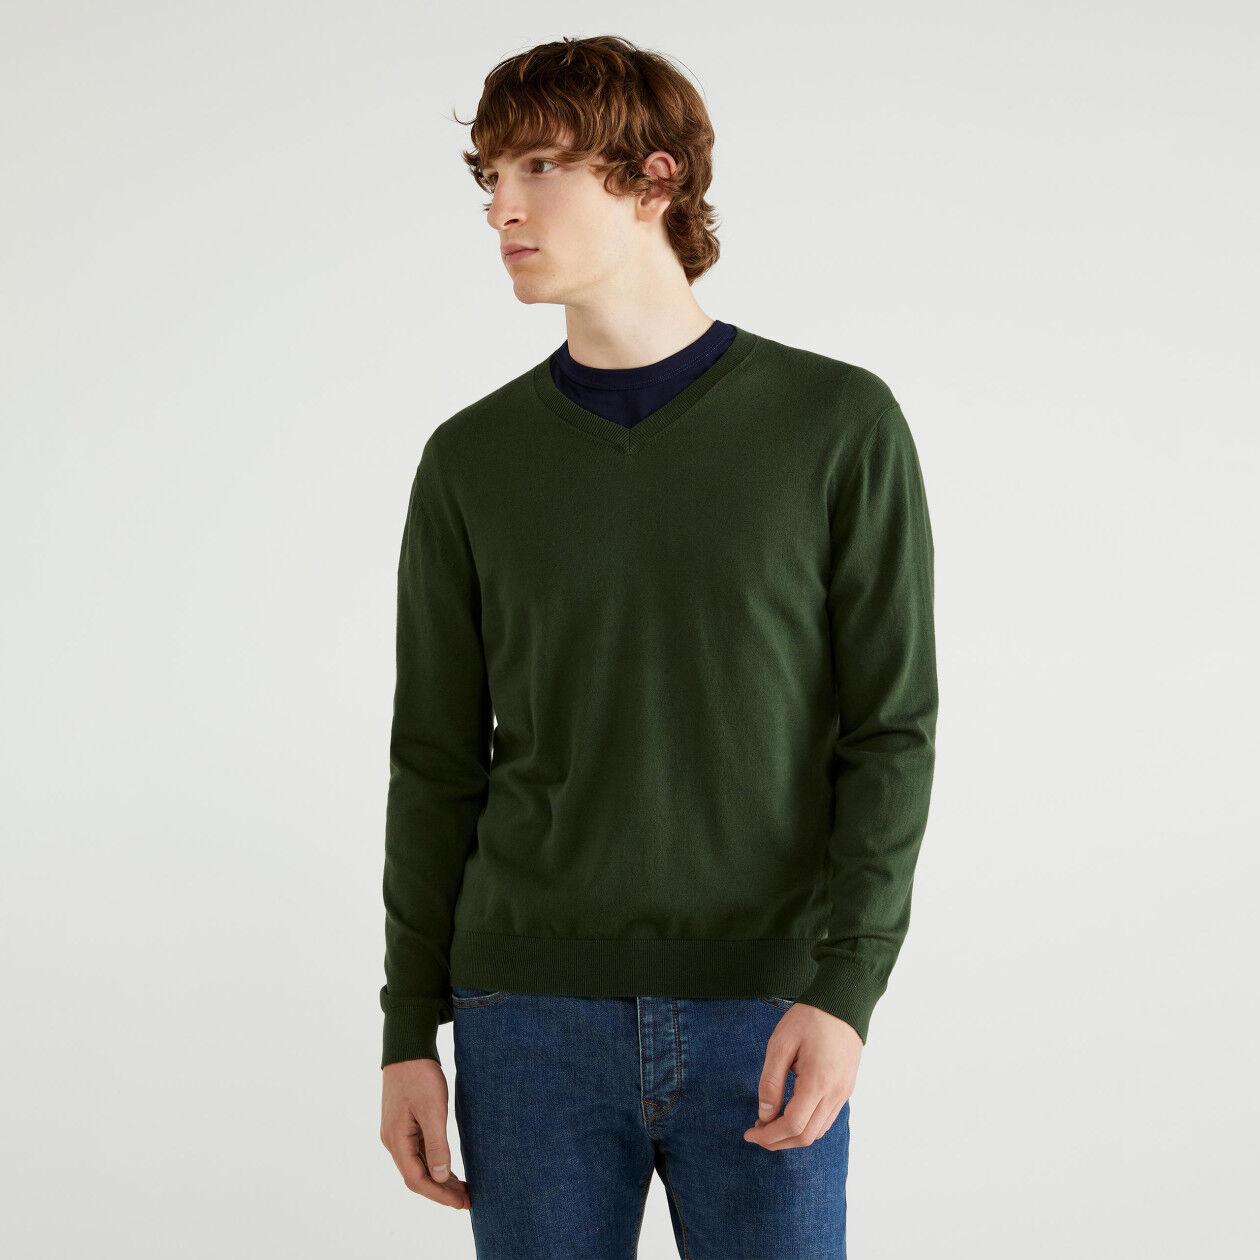 Camisola decote em V em algodão tricot